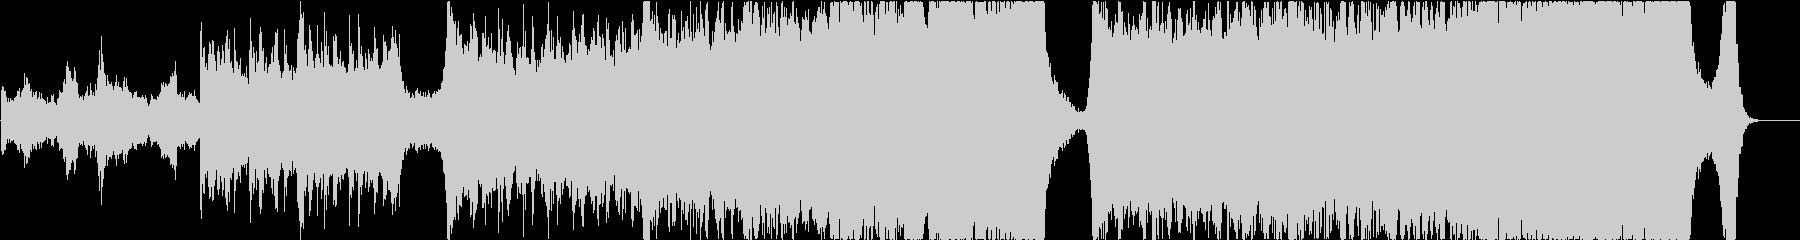 エピックシネマティックミュージックの未再生の波形